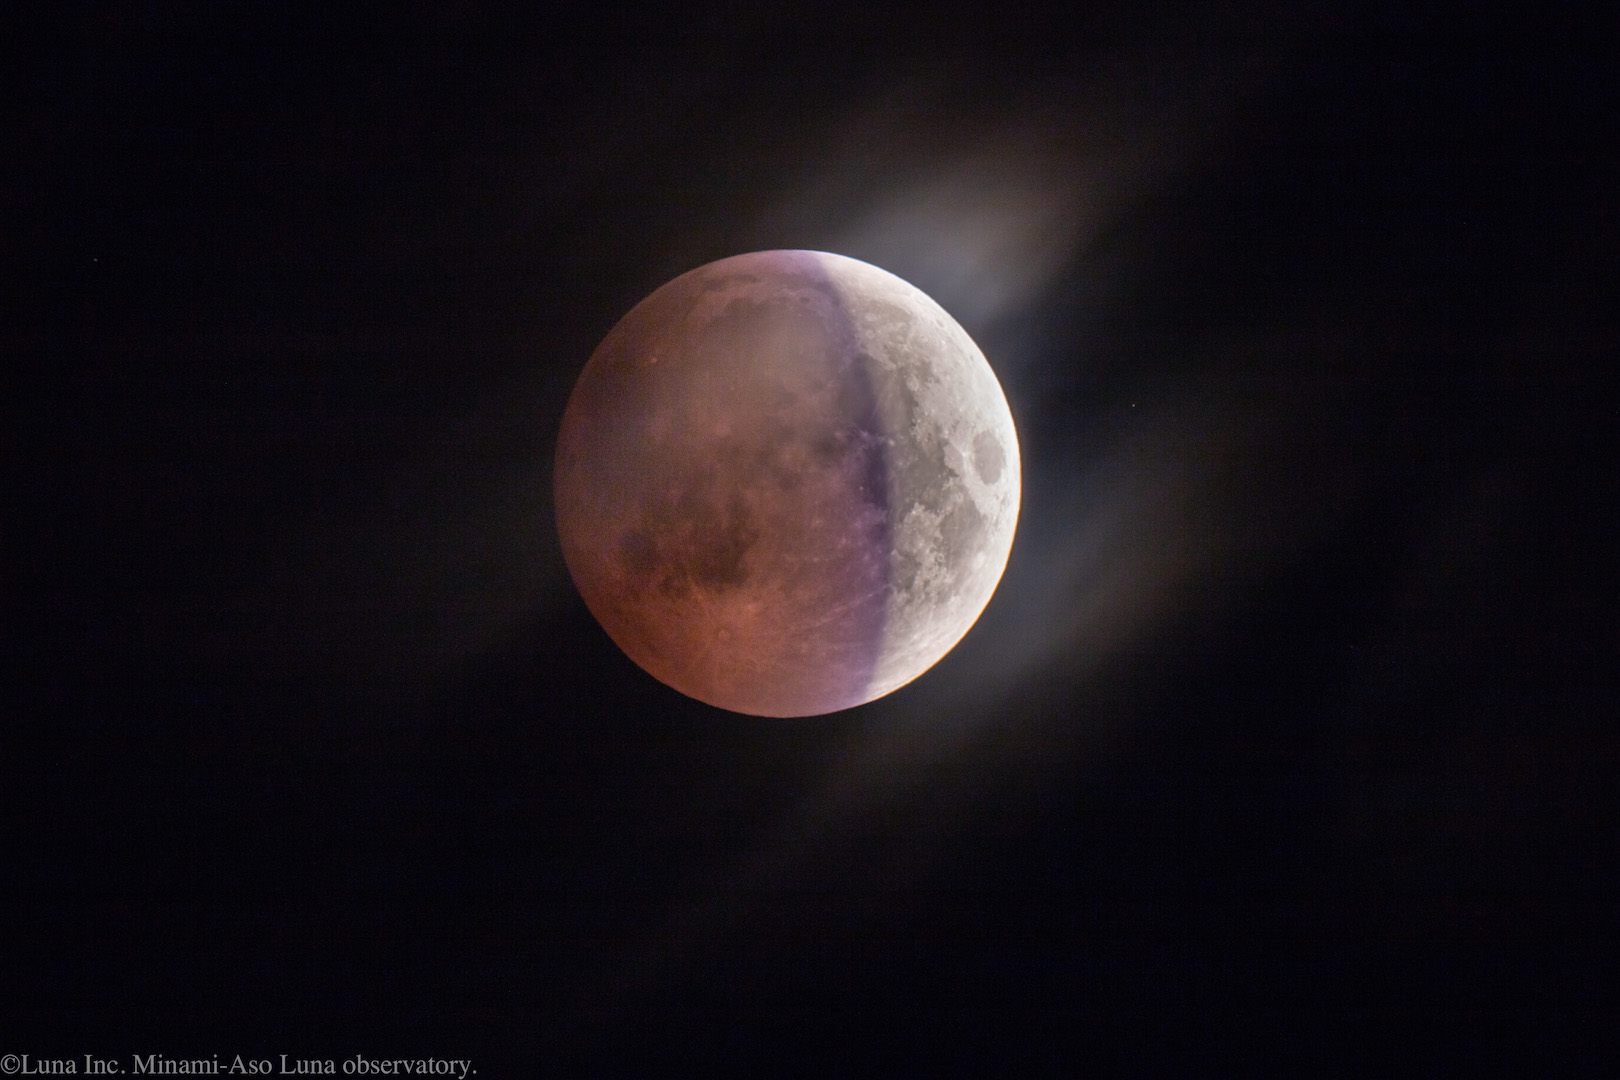 ちょうど中心付近の特徴的な青紫色は、地球のオゾン層の透過光が月面に当たって見えているのです。